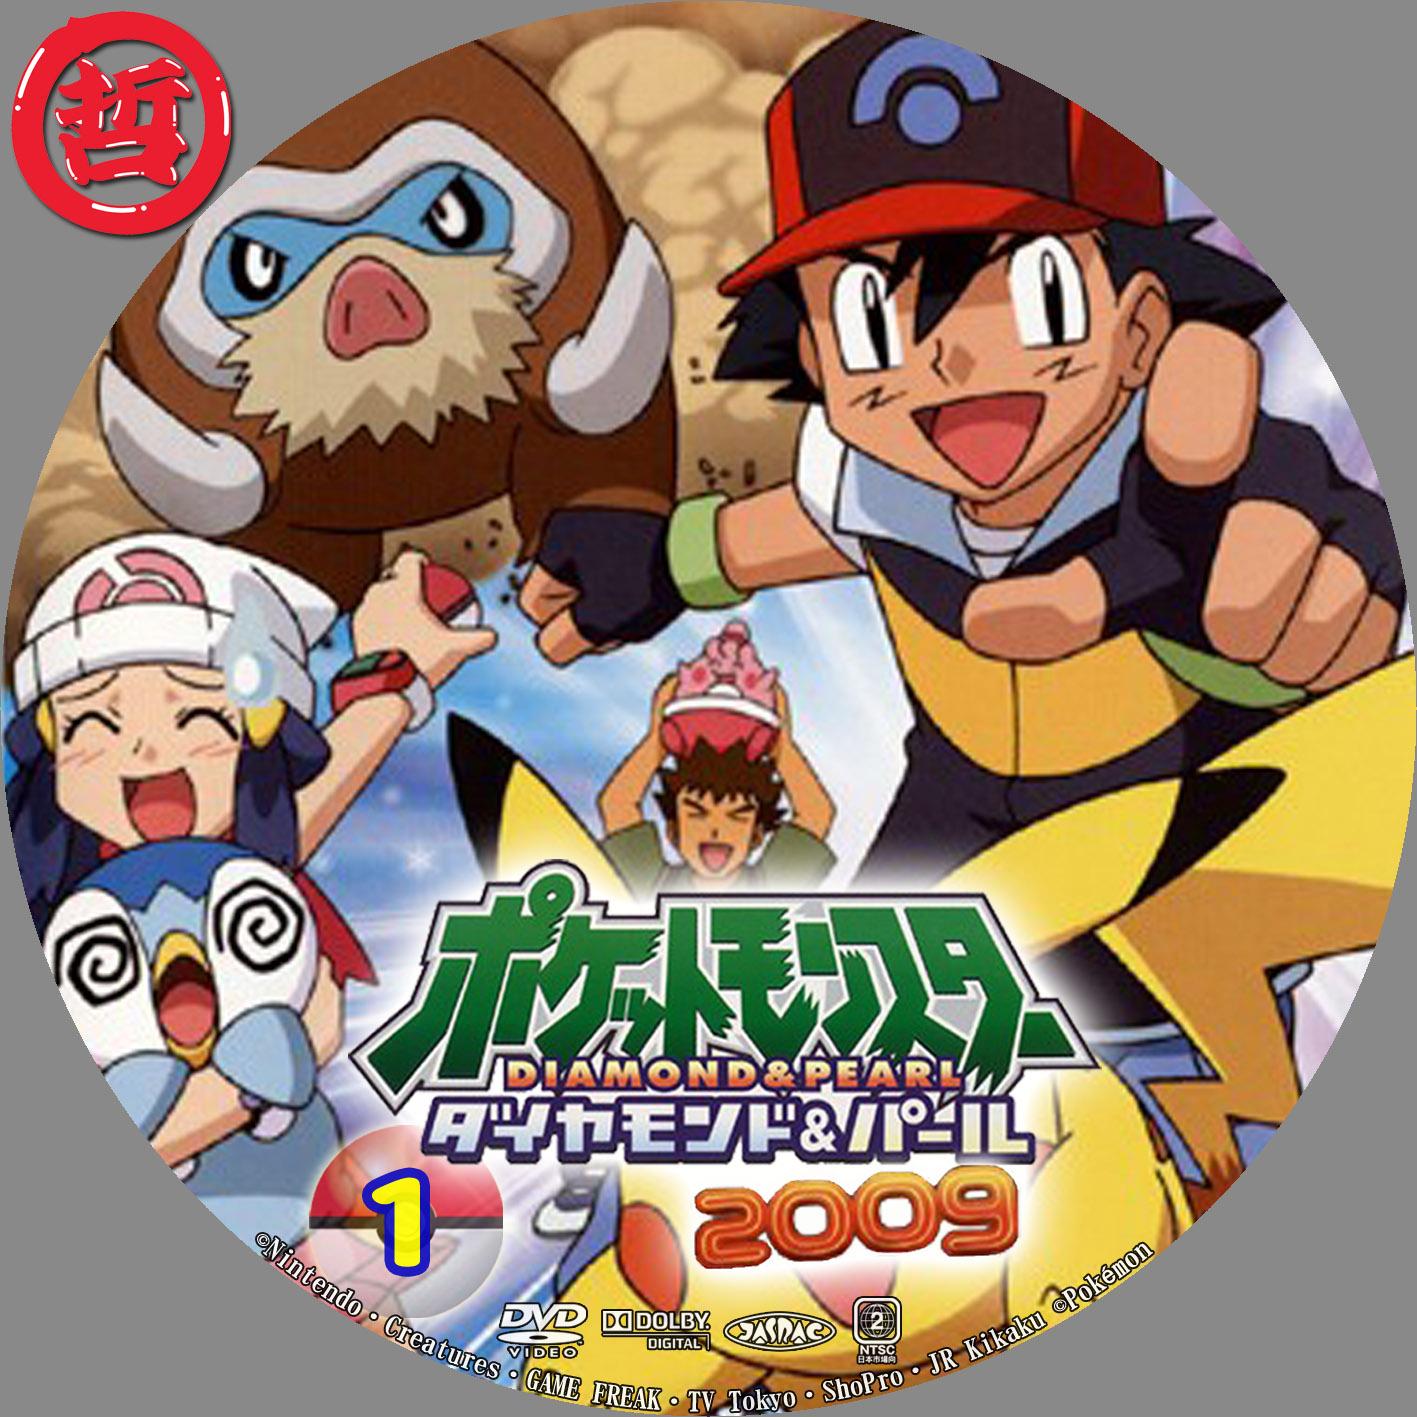 哲ヲのカスタムラベル ポケットモンスター ダイアモンドパール2009